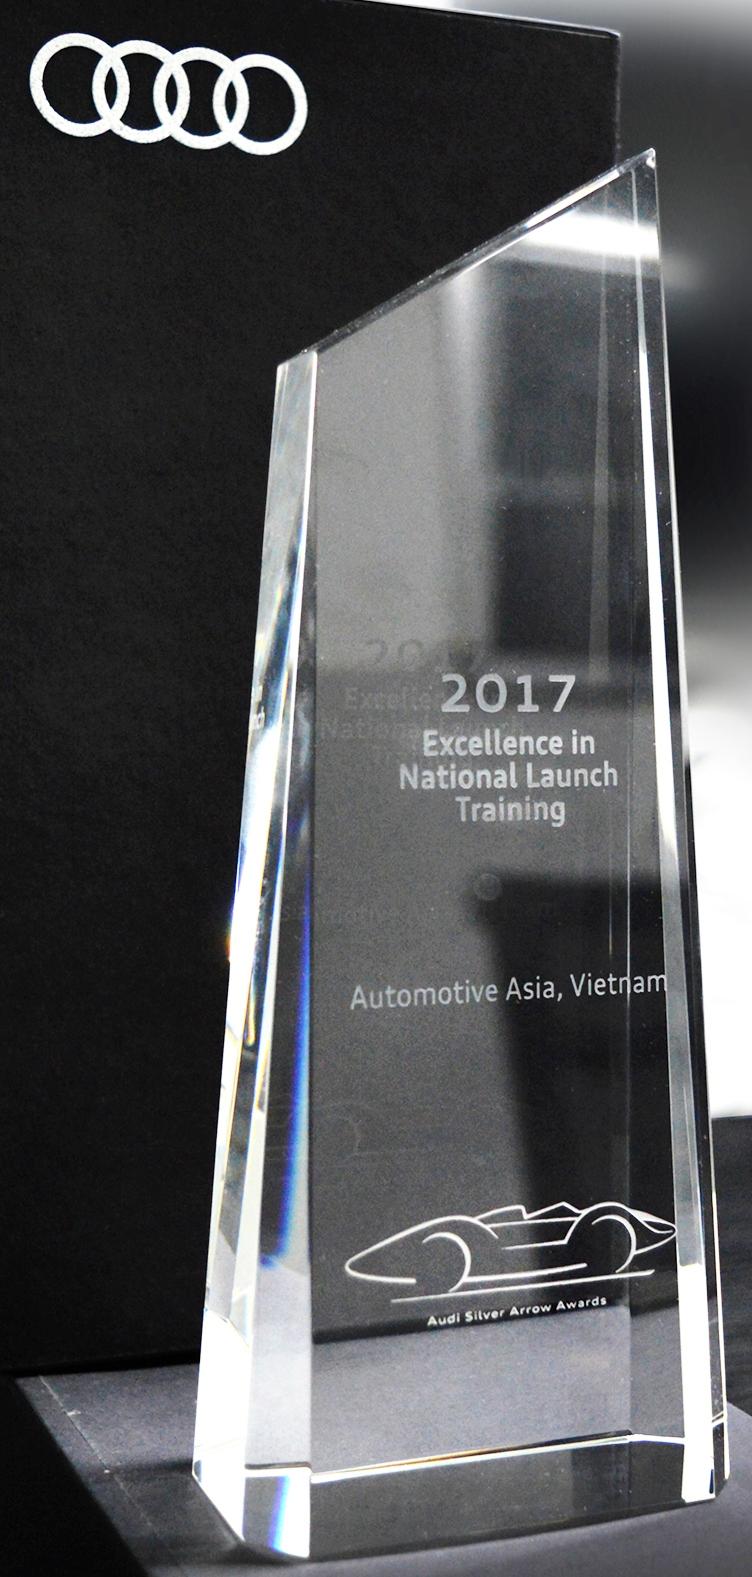 Audi-Viet-Nam-nhan-giai-thuong-quoc-te-ve-dao-tao-sau-ban-hang-anh-2